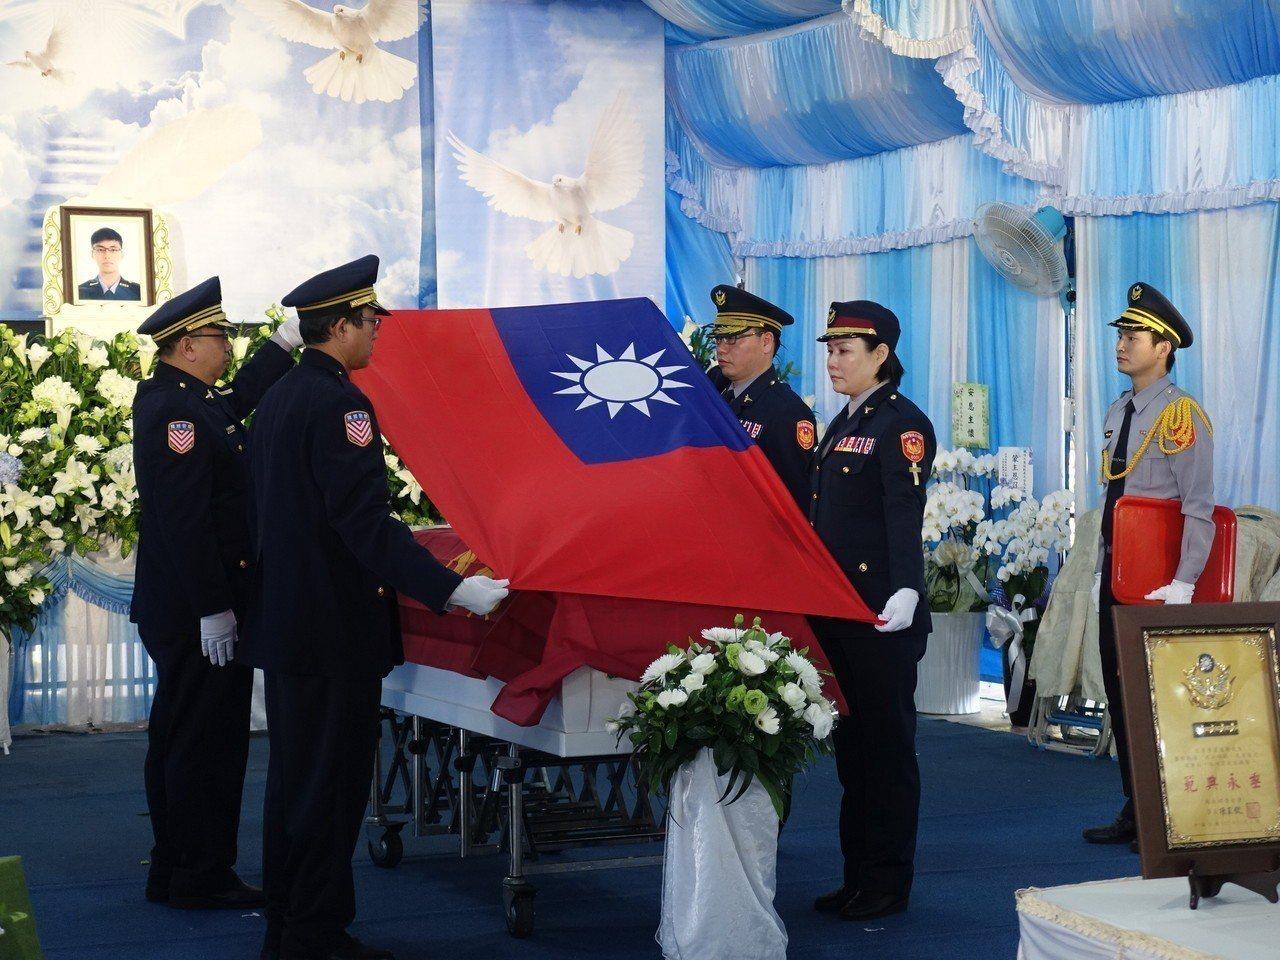 國道警察局各大隊長以中華民國國旗覆棺,致上最高榮譽。記者翁禎霞/攝影